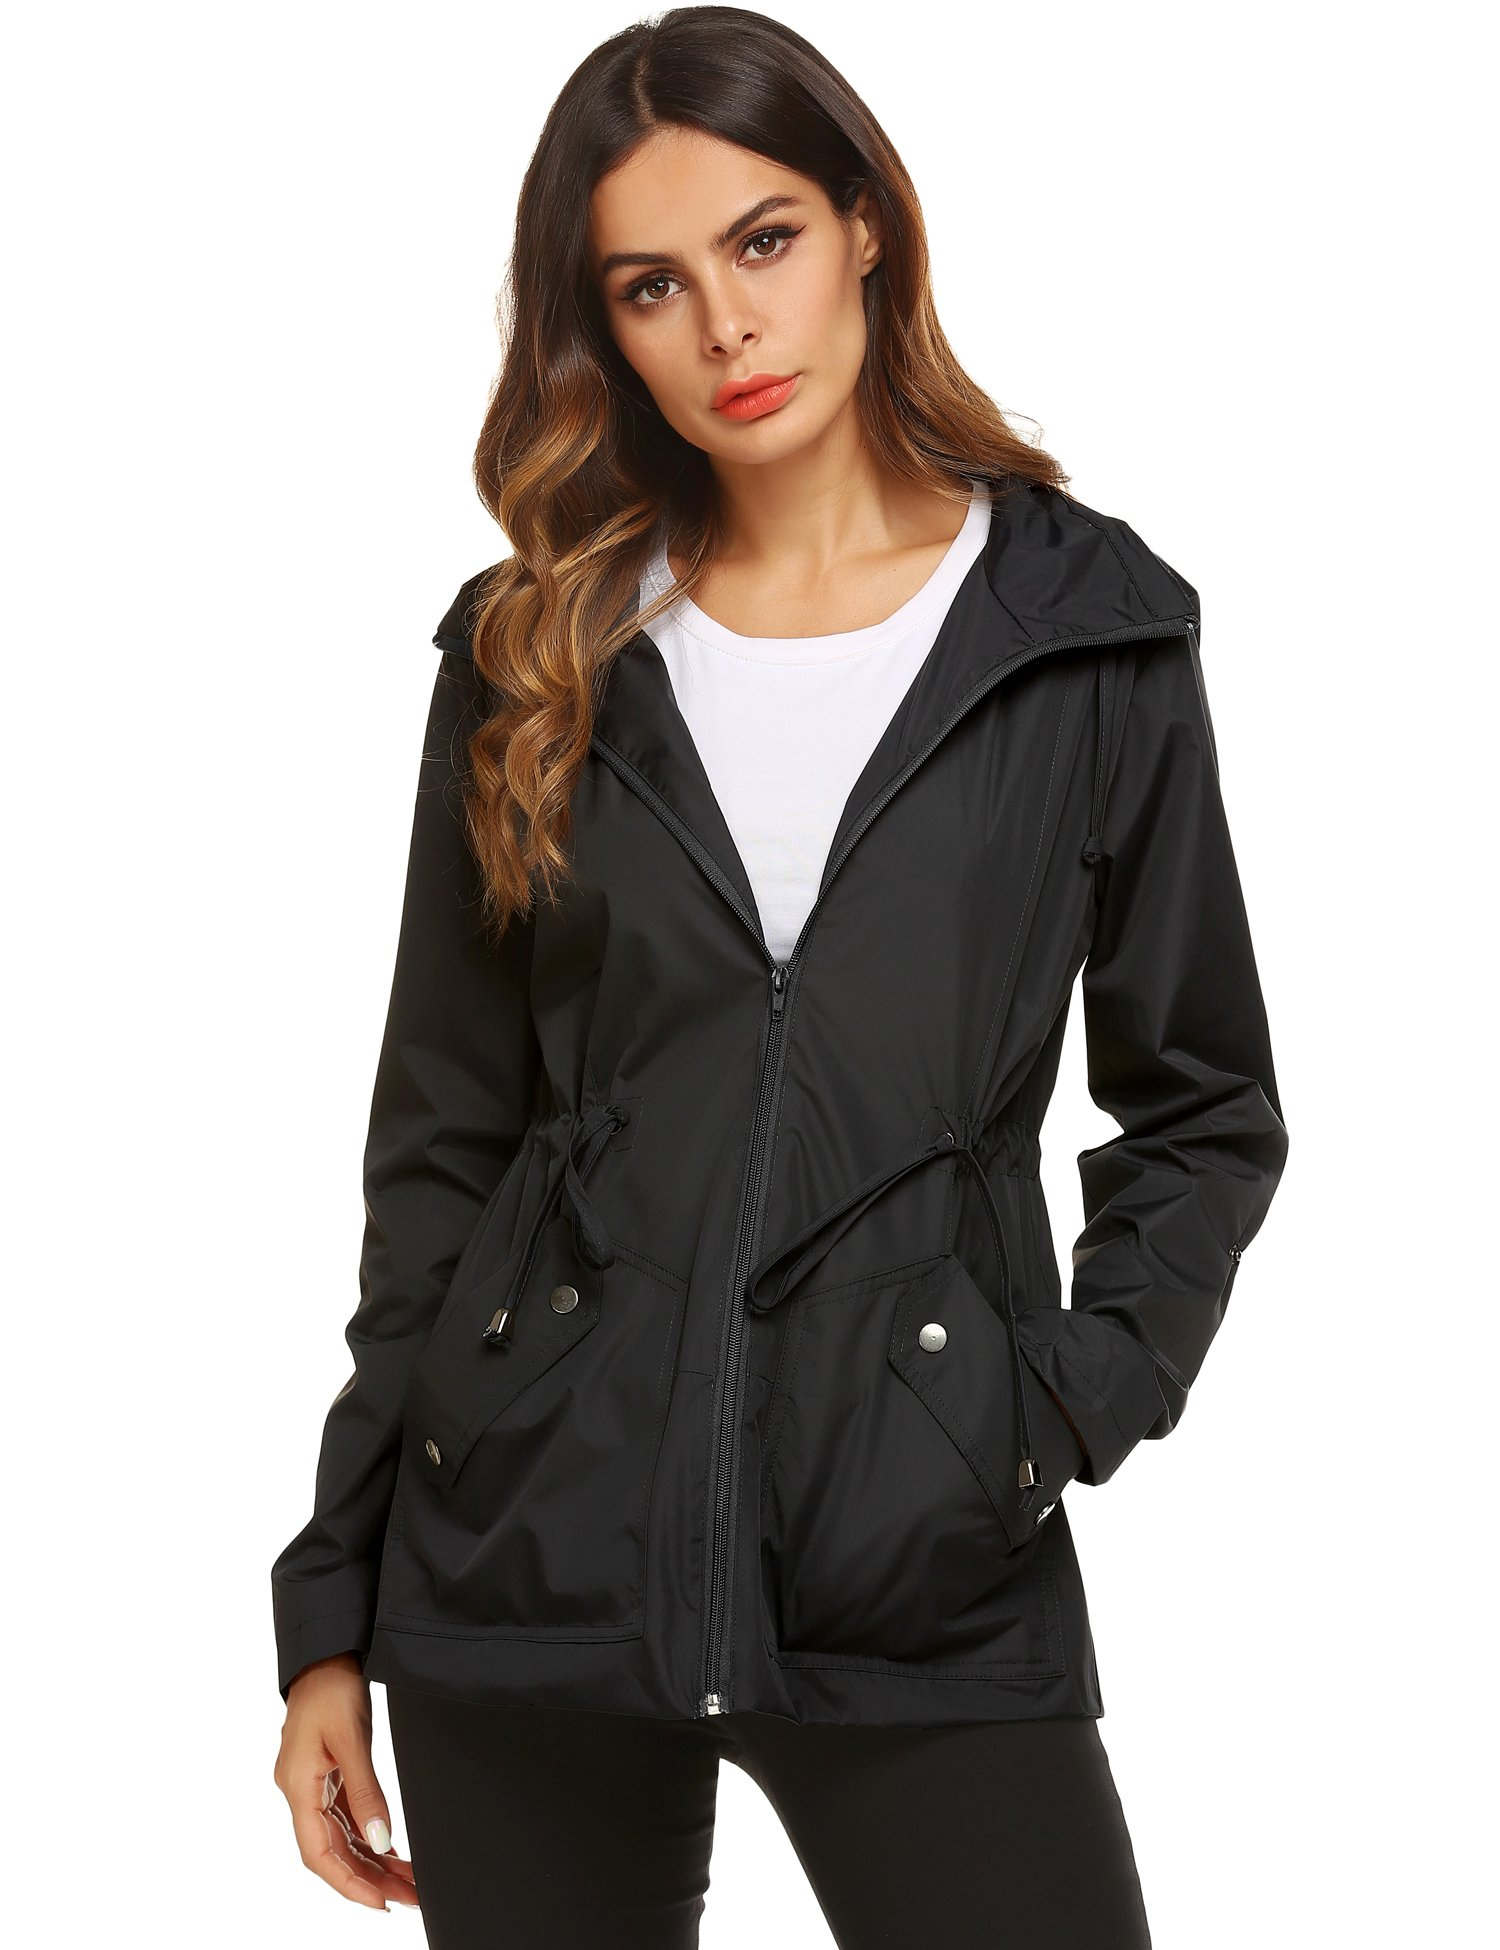 ZHENWEI Raincoat,Women's Lightweight Waterproof with Hood Rain Jacket Outdoor(Black,M) by ZHENWEI